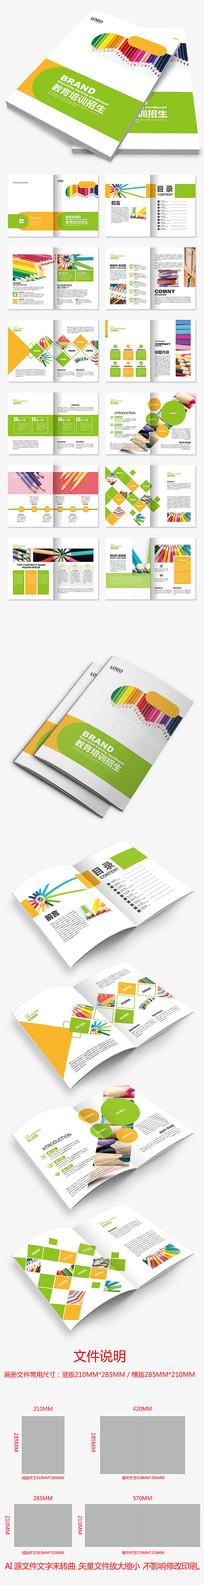 彩色学校招生教育画册国际学校企业宣传画册